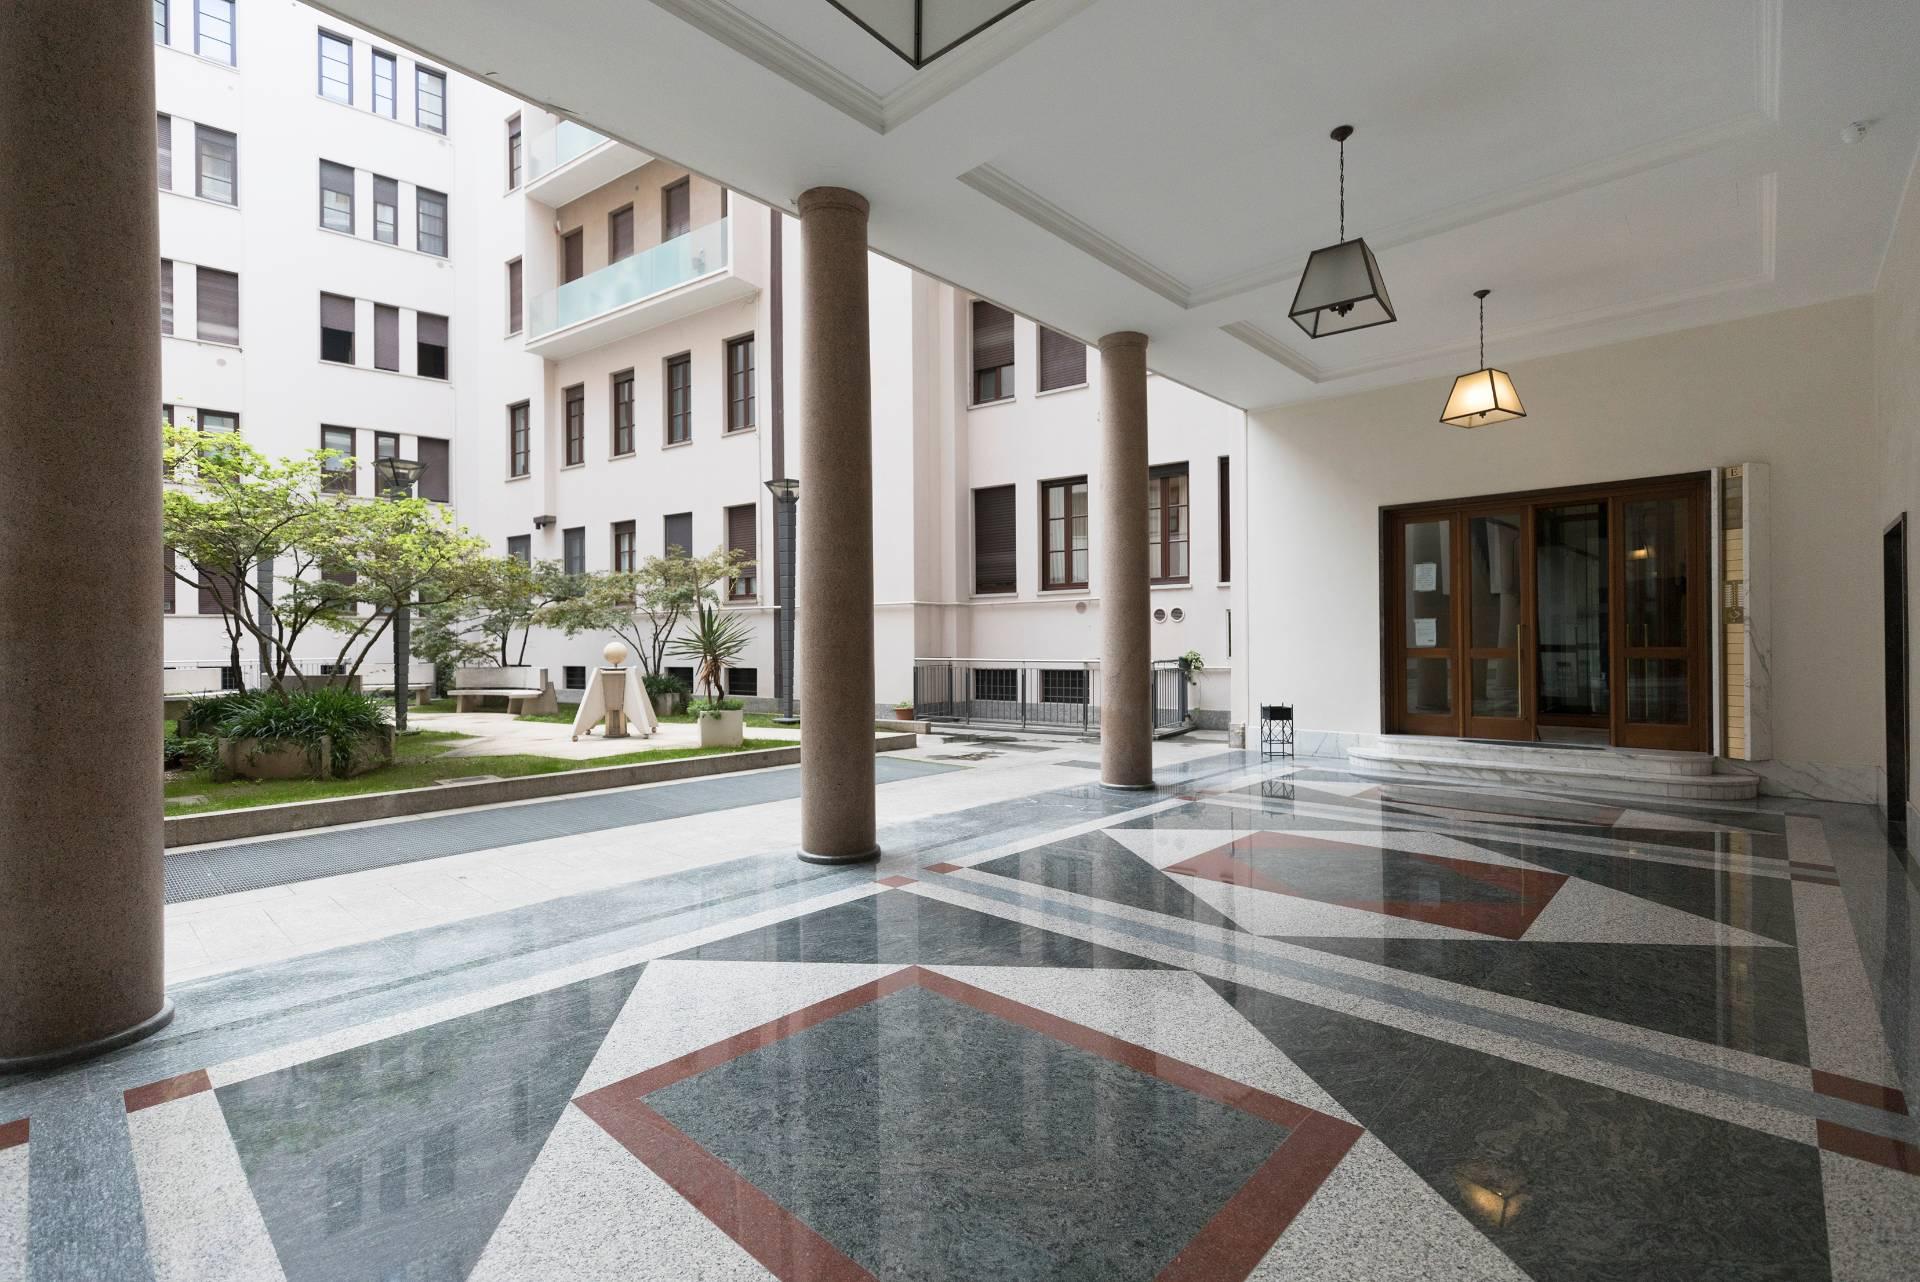 vendita appartamento milano p.ta vittoria  1090000 euro  3 locali  140 mq